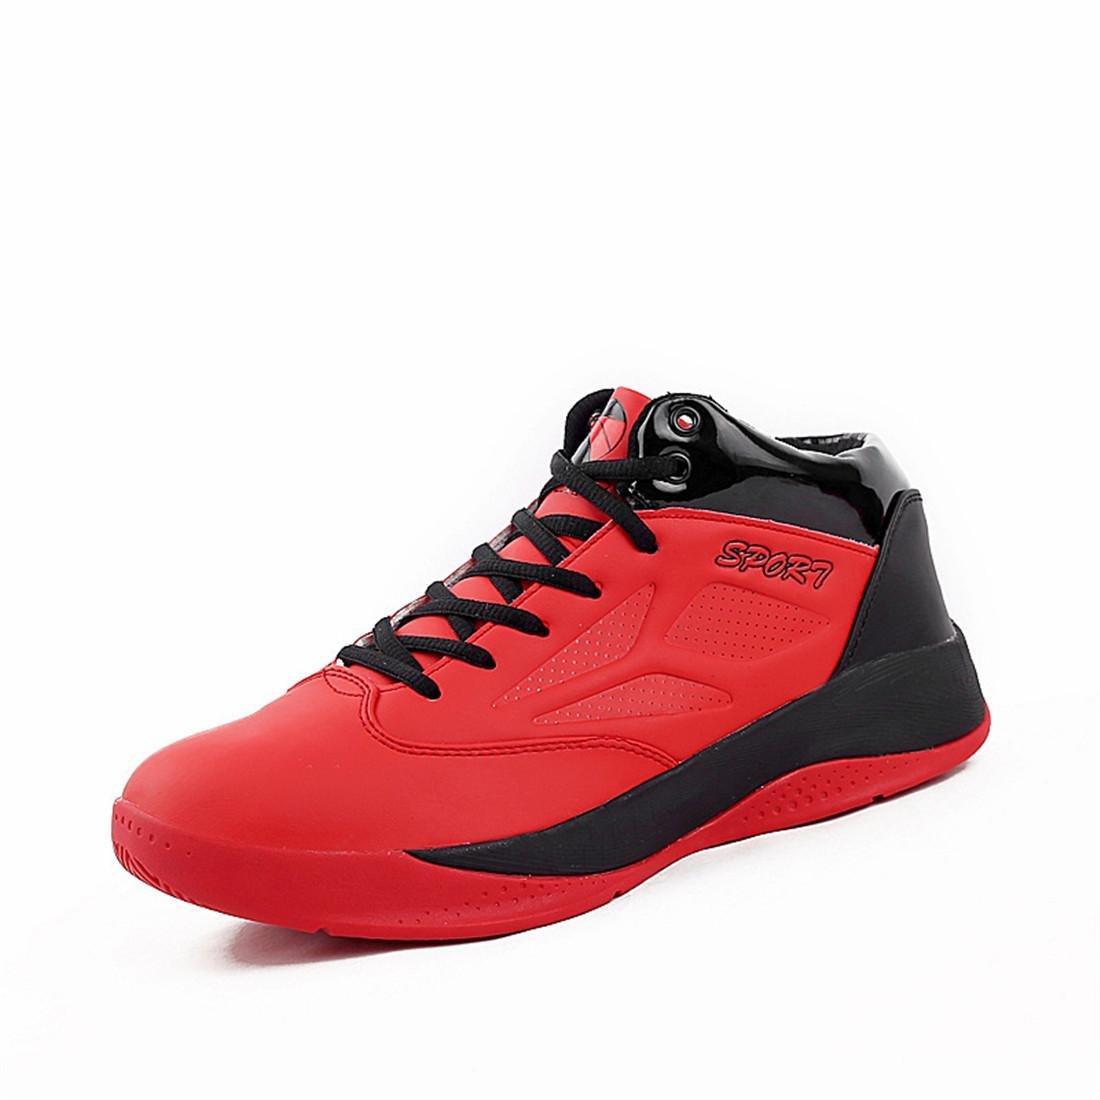 Herren Mode Basketball Schuhe Atmungsaktiv Sportschuhe Laufschuhe Wanderschuhe Ausbilder EUR GRÖSSE 39-44